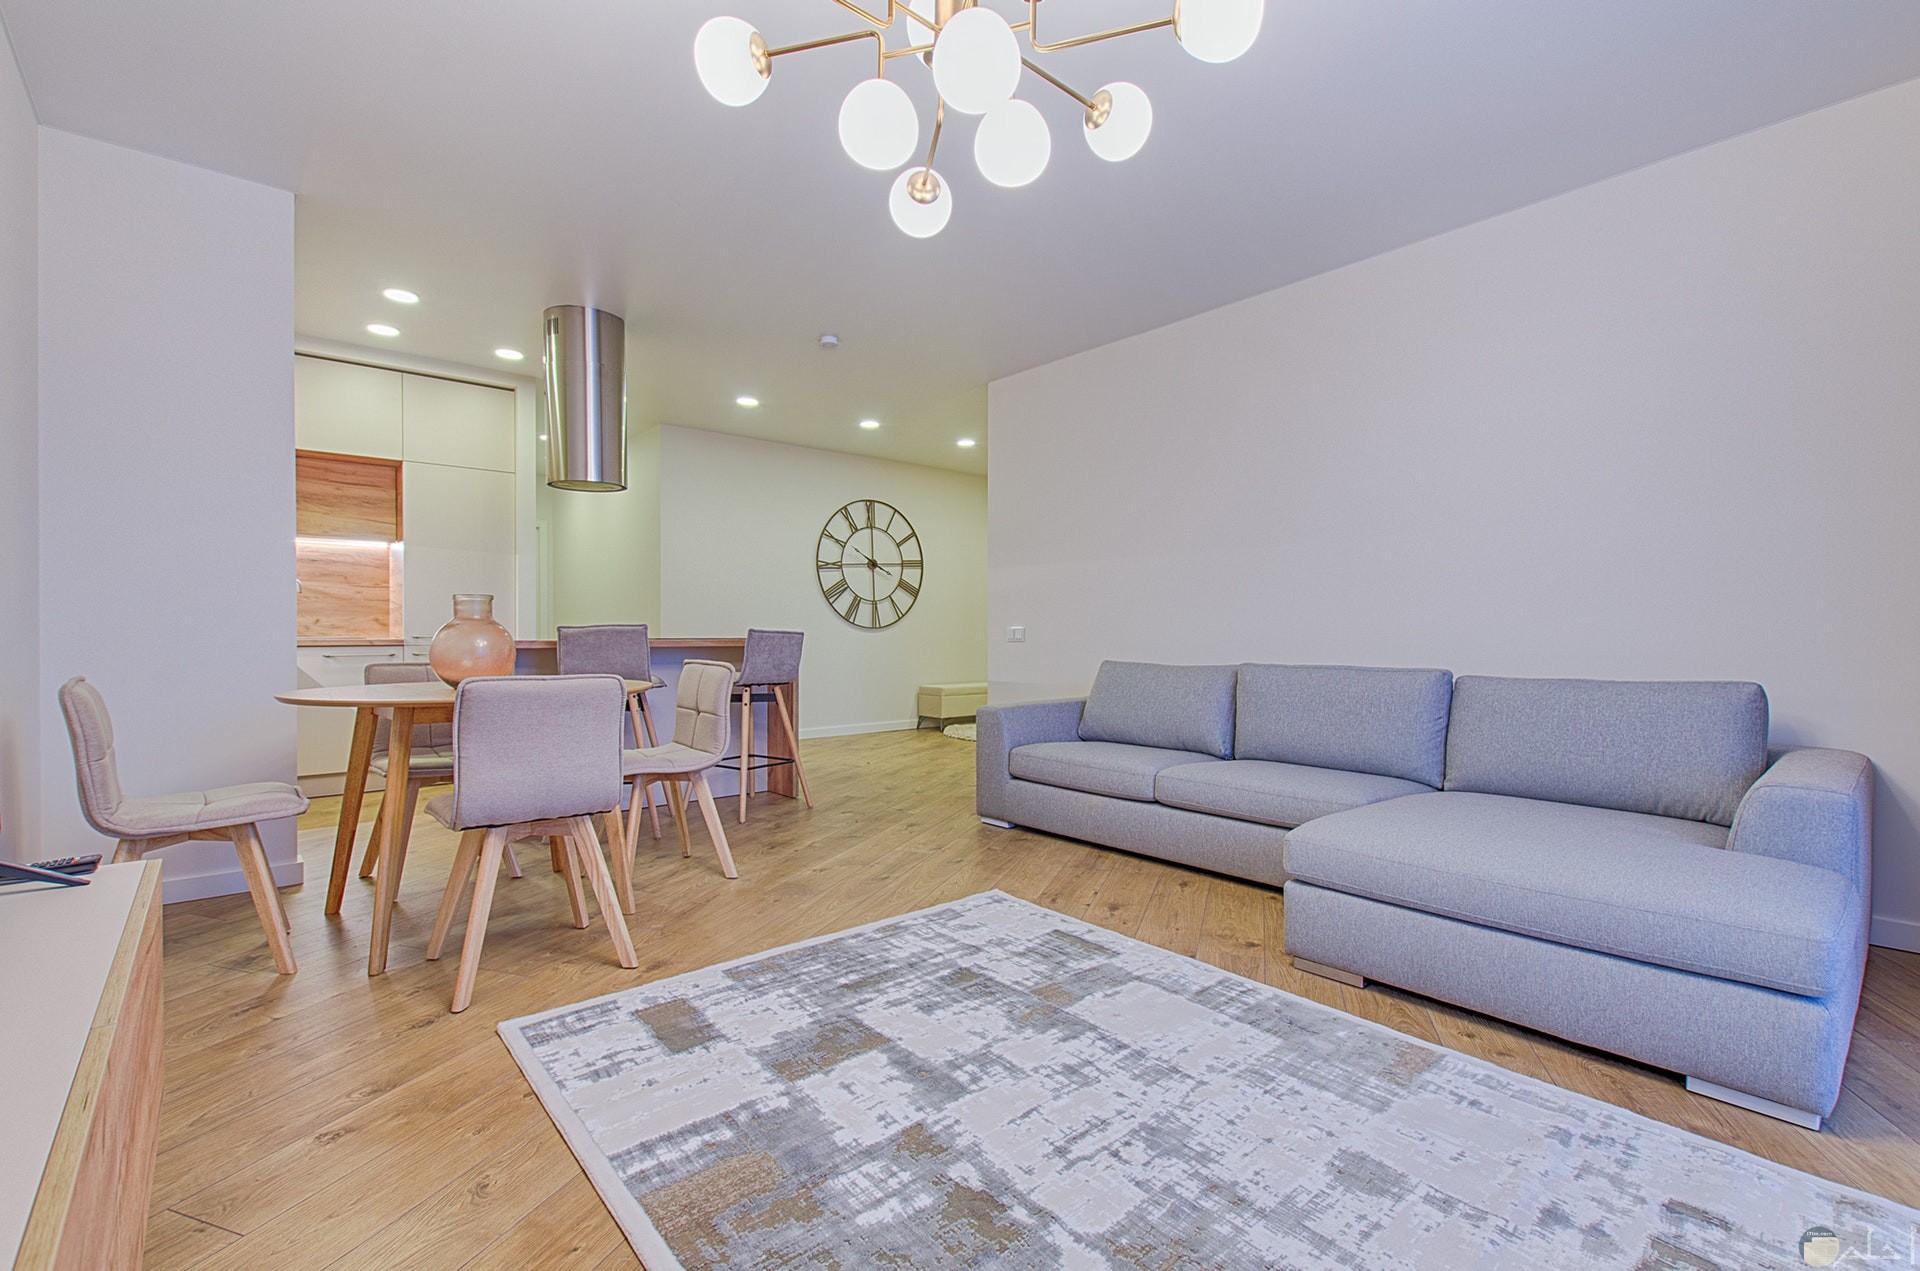 صور جميلة لديكور غرفة المعيشة متناسقة من الكراسي والكنب باللون الرصاصي المميز